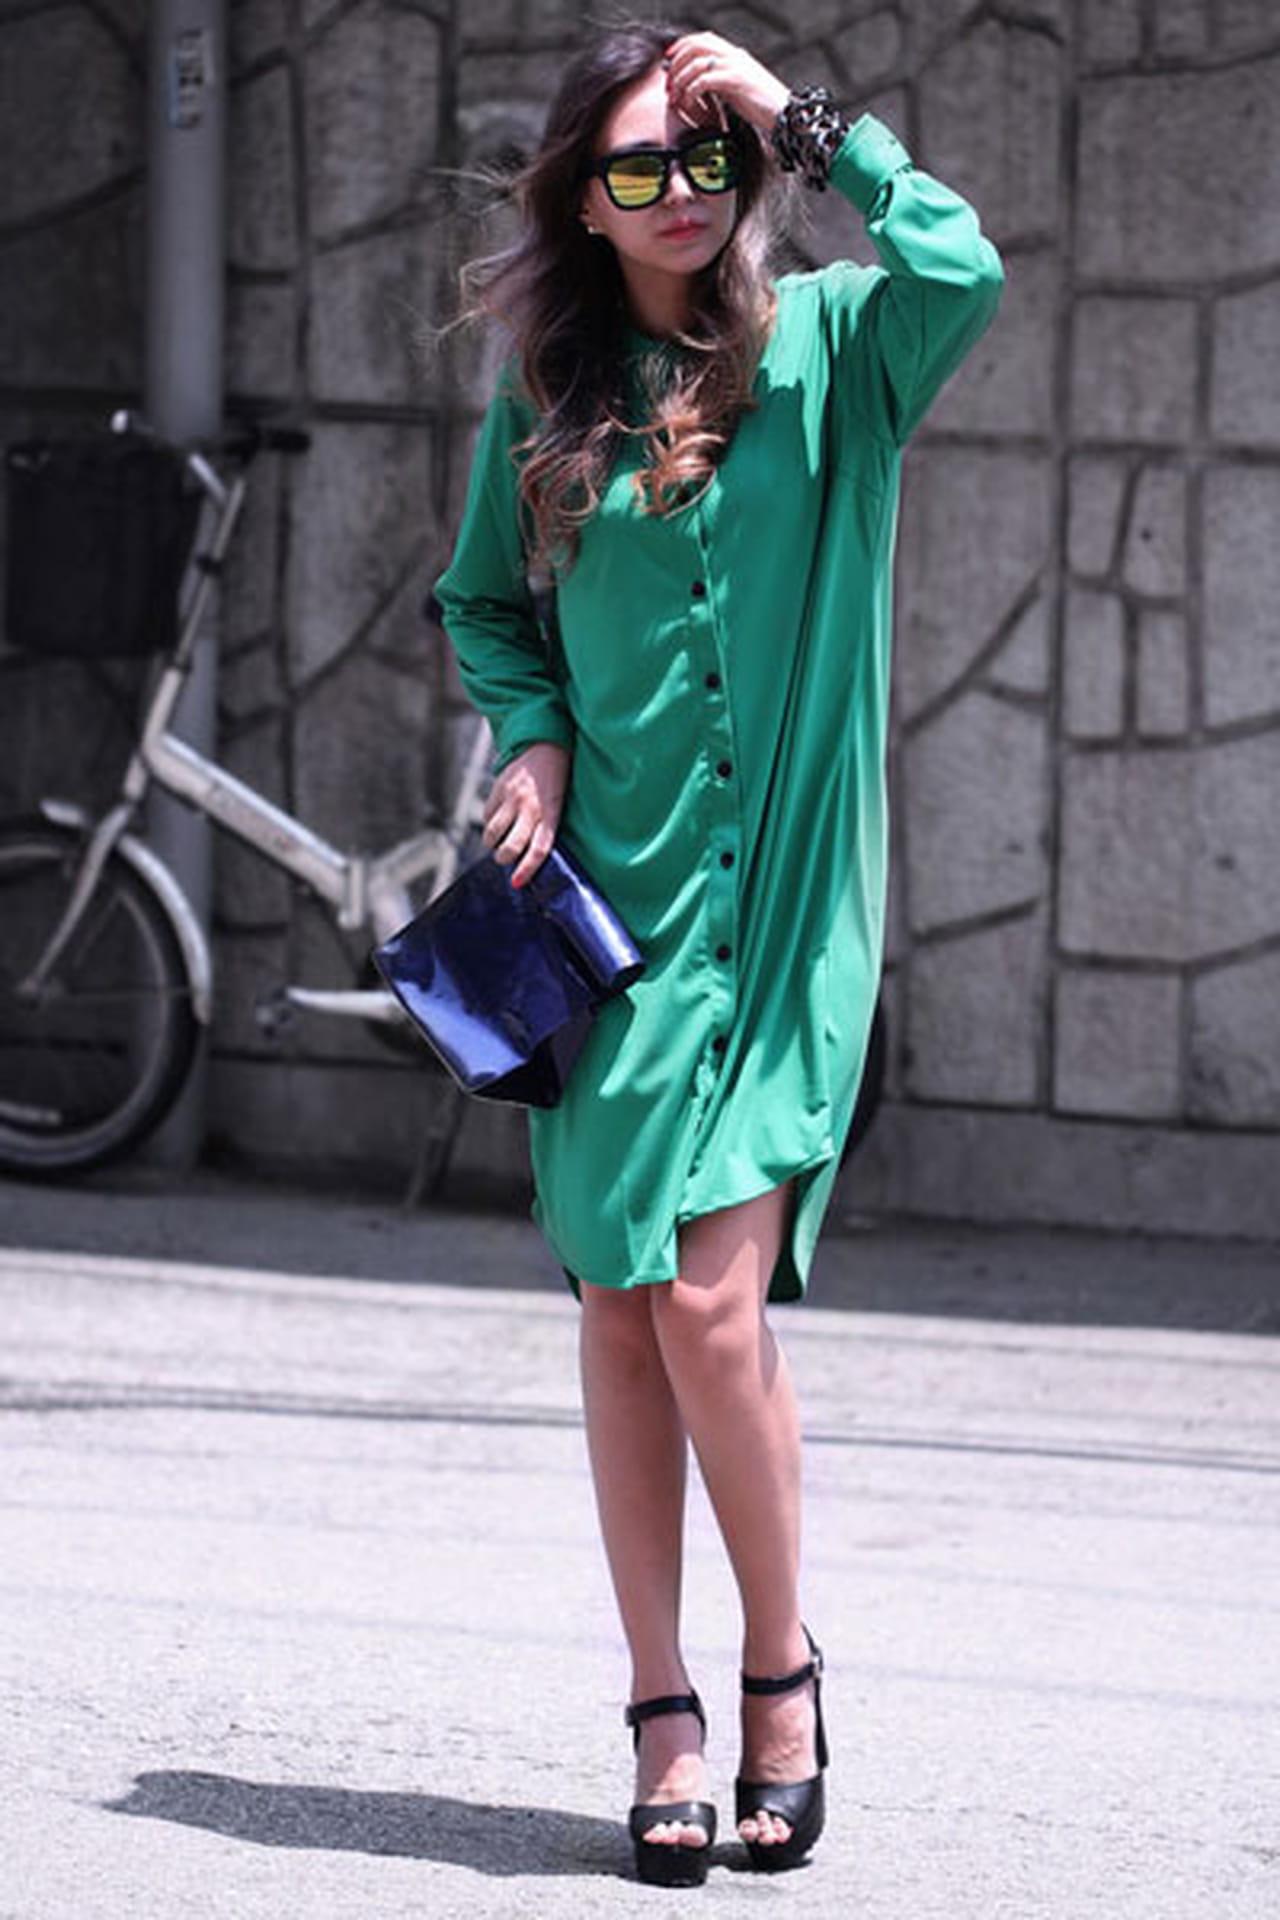 f168b7587fdef القميص الأخضر لطلة نهارية جذابة، يمكن أن ترتدي معه حقيبة وحذاء باللون  الأسود أو باللون الأزرق الغامق.